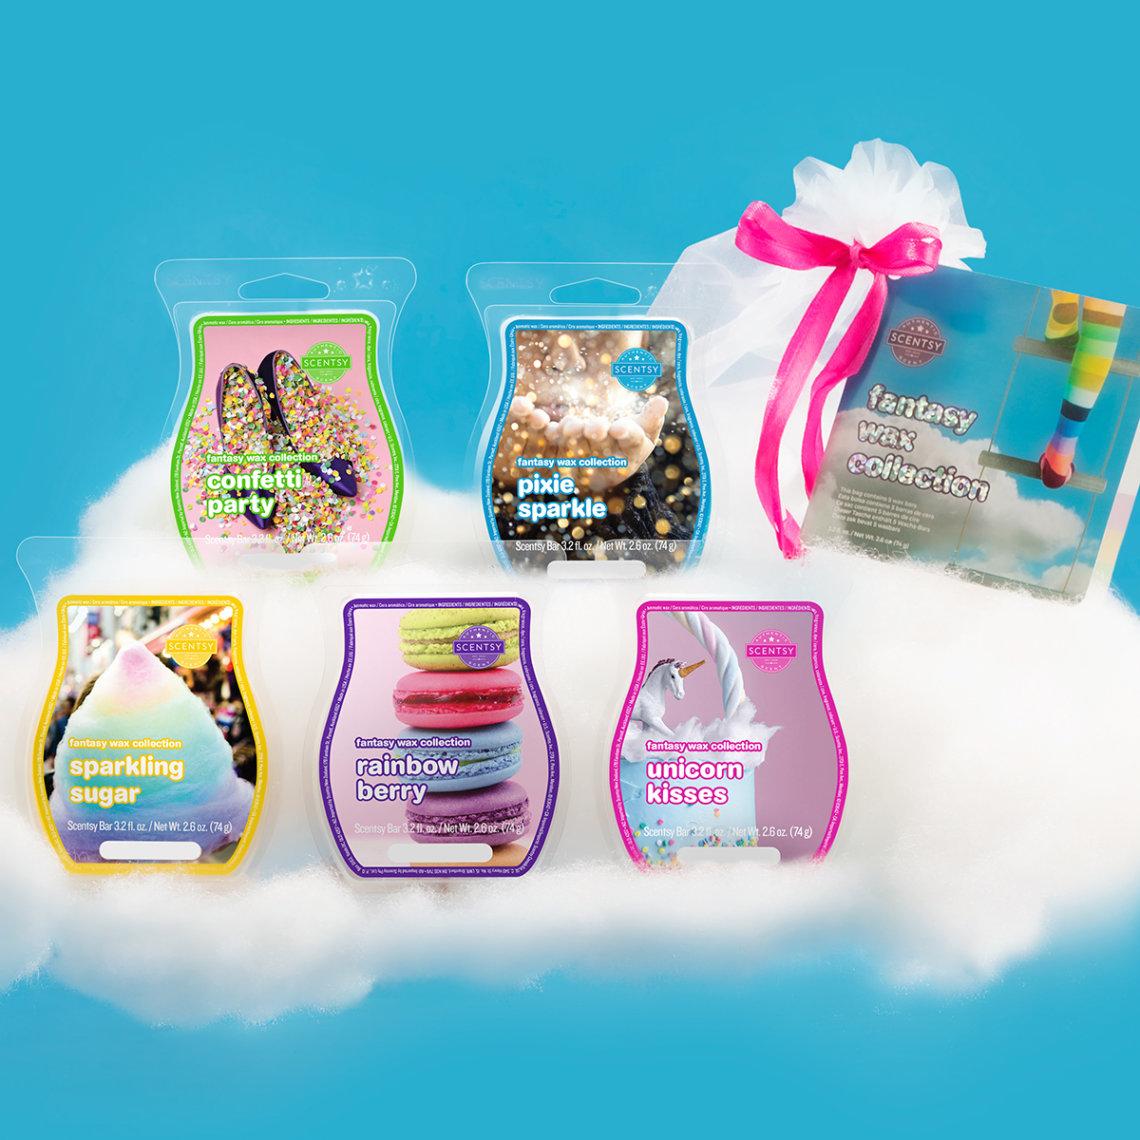 scentsy fantasy collection